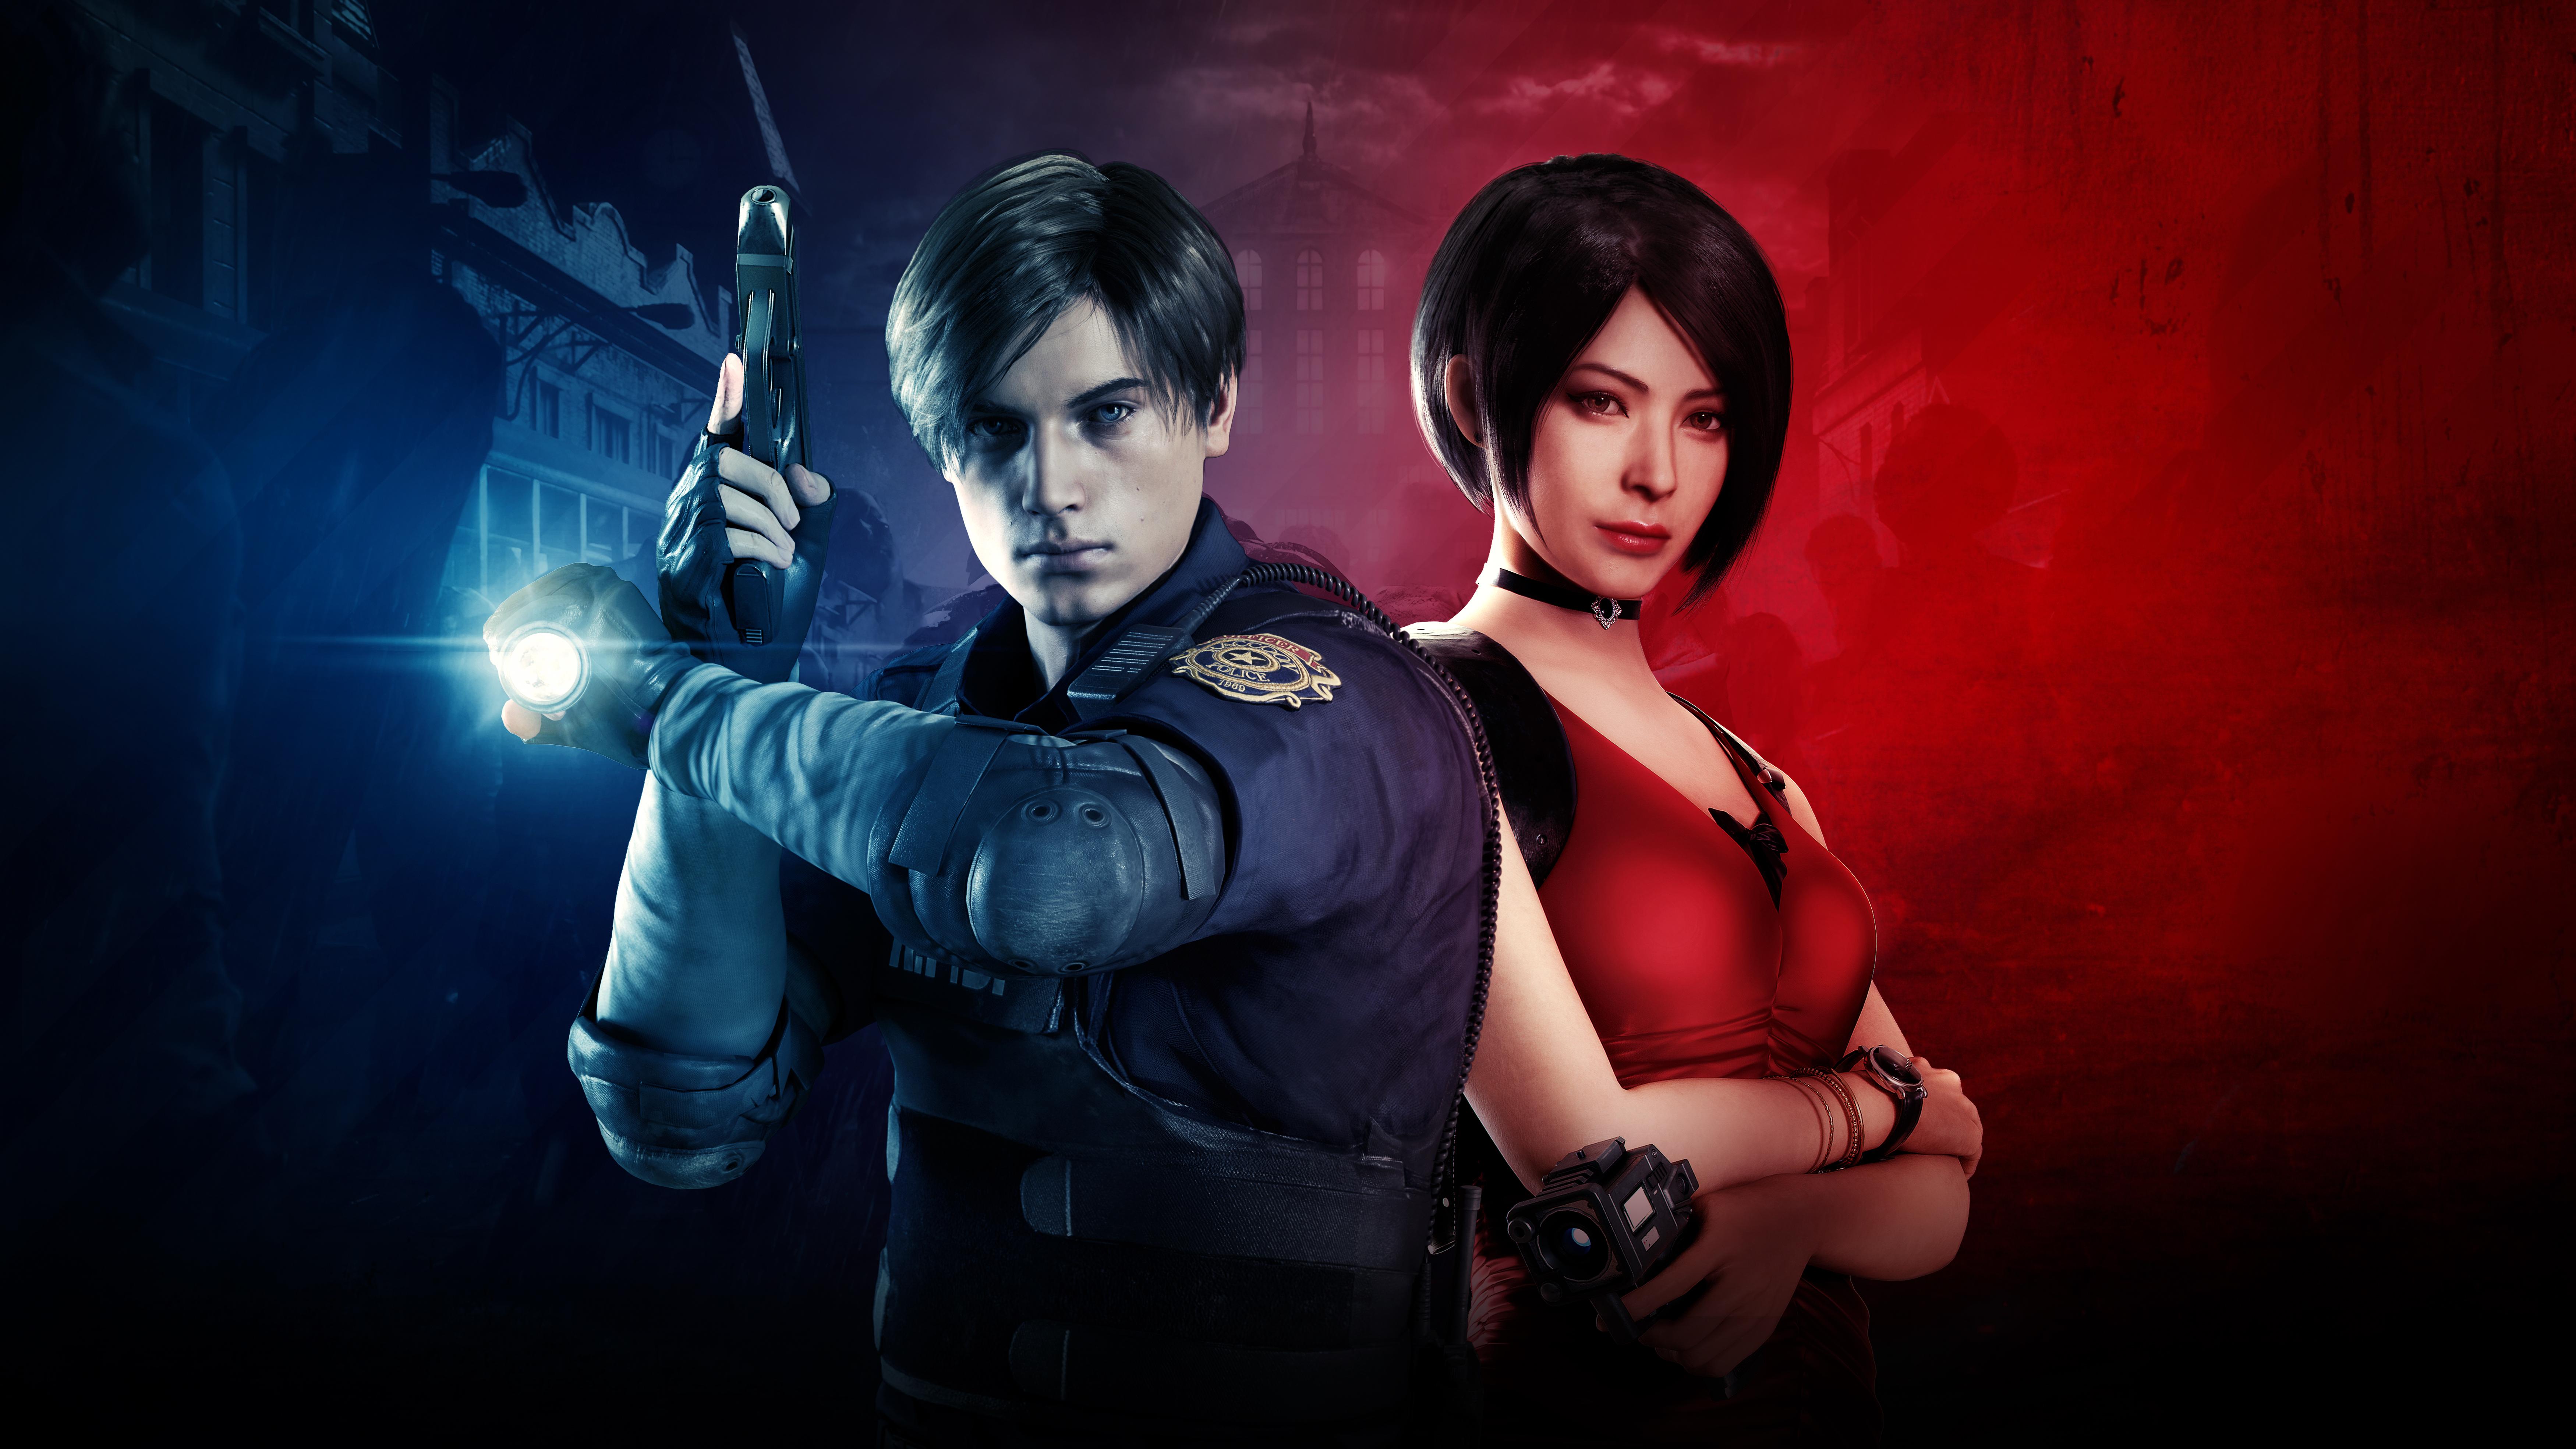 Leon And Ada Wong Resident Evil 2 2019 8k Resident Evil 2 Leon